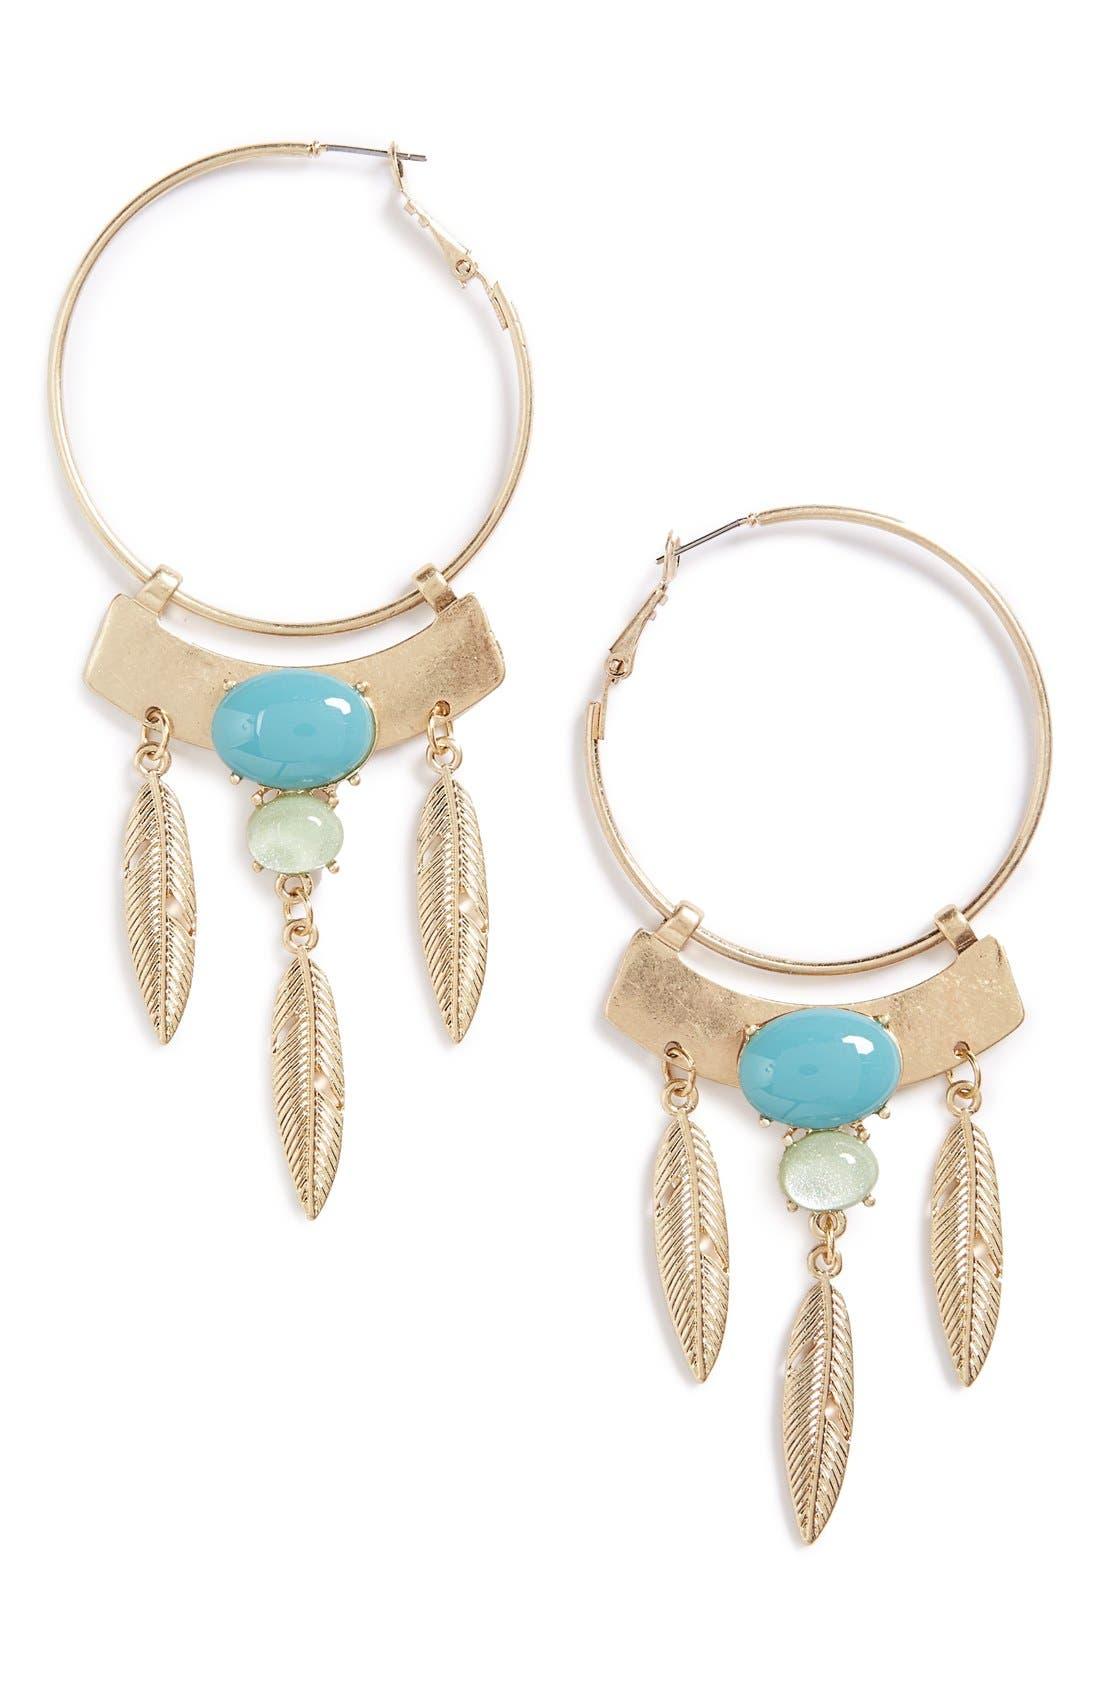 Main Image - Danielle Nicole 'Palm Springs' Hoop Earrings